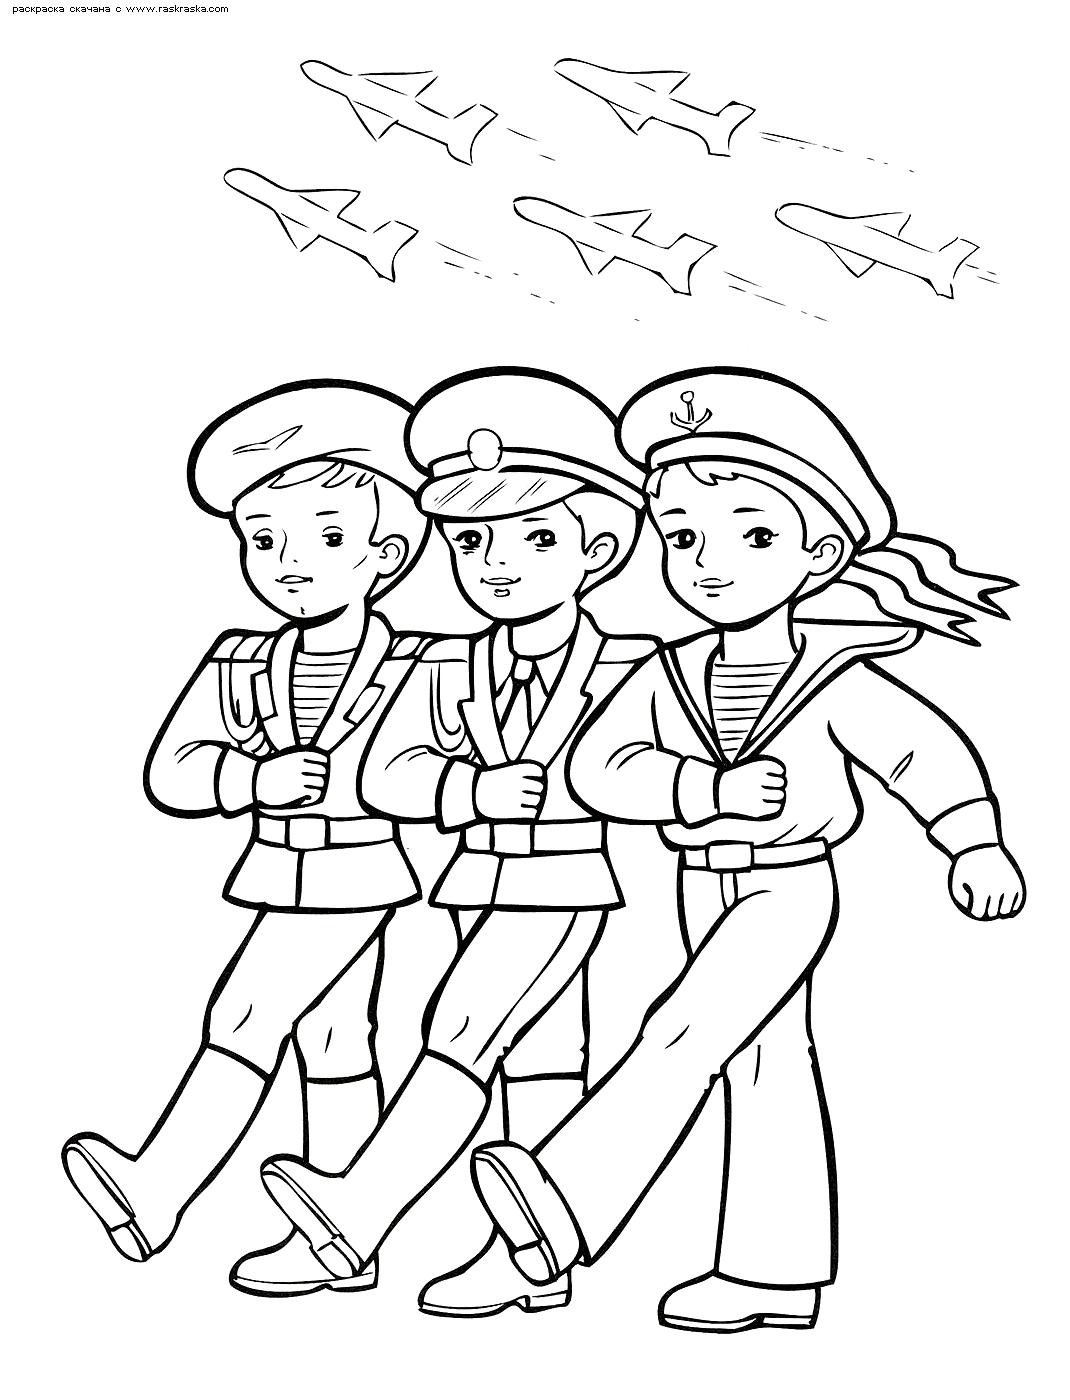 Раскраска Парад. Раскраска солдаты, парад